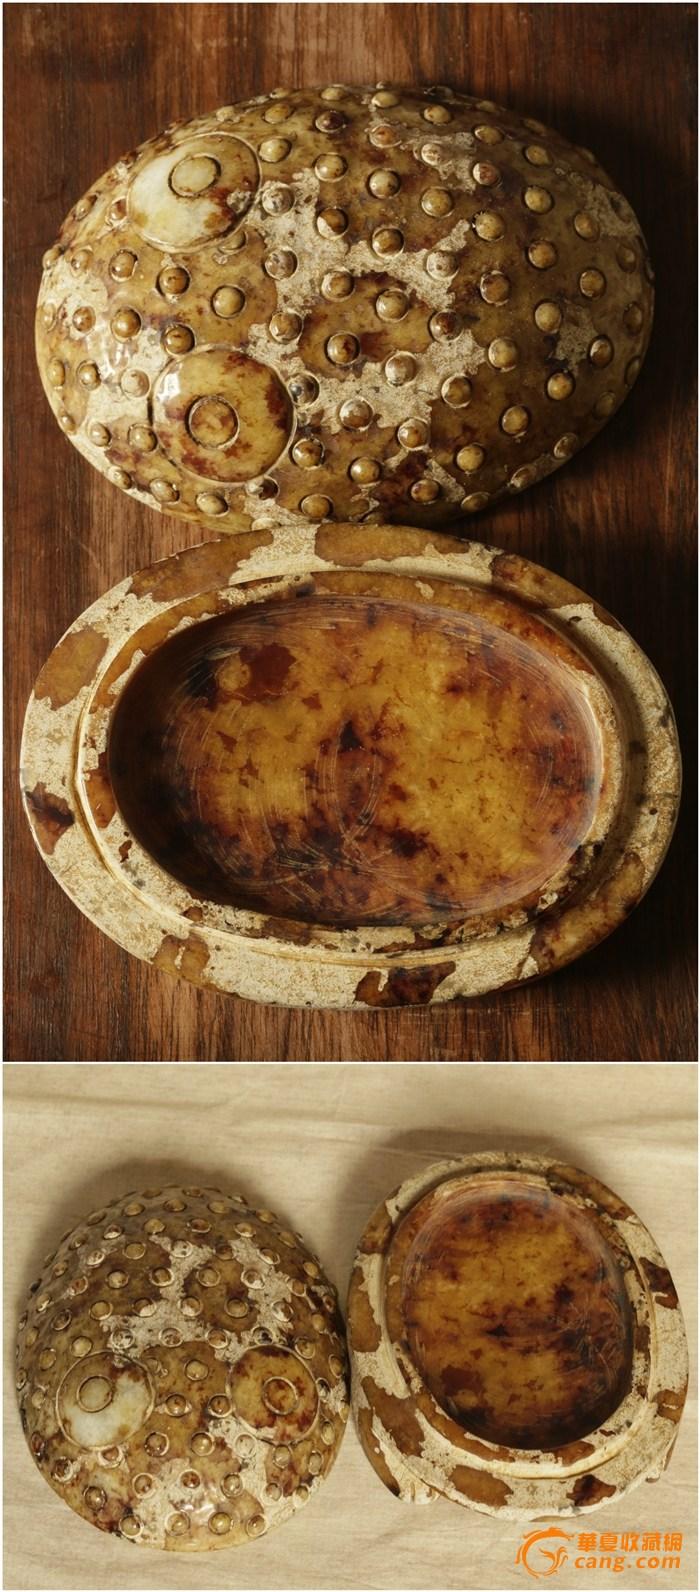 旺财风水用品 和田白玉籽料满沁 盖盒玉蟾,战汉出土古玉图11